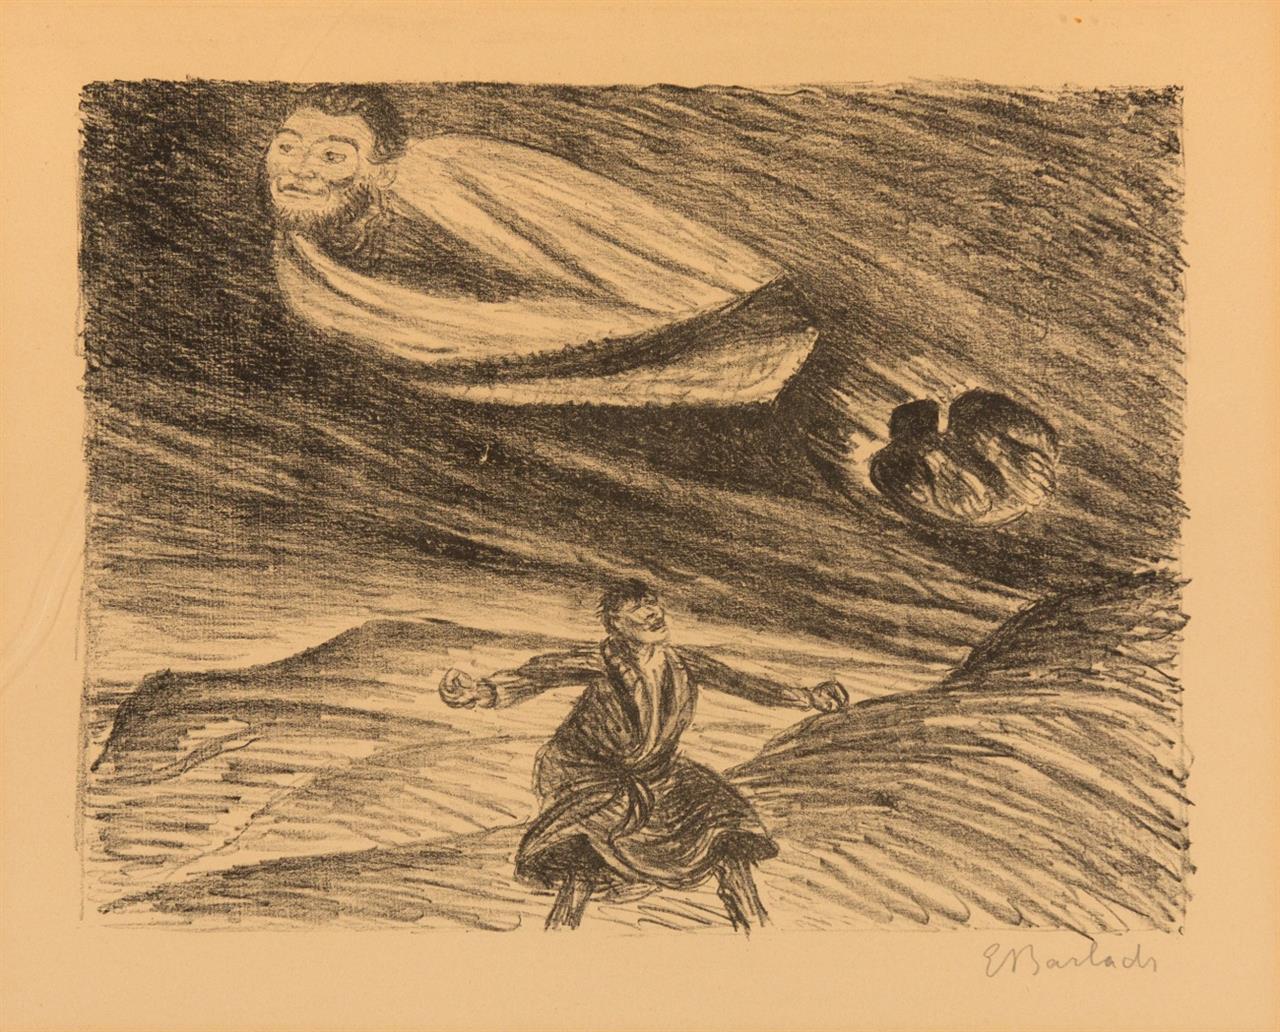 Ernst Barlach. Armer Vetter und hoher Herr. 1919. Lithographie. Signiert. Schult 128.